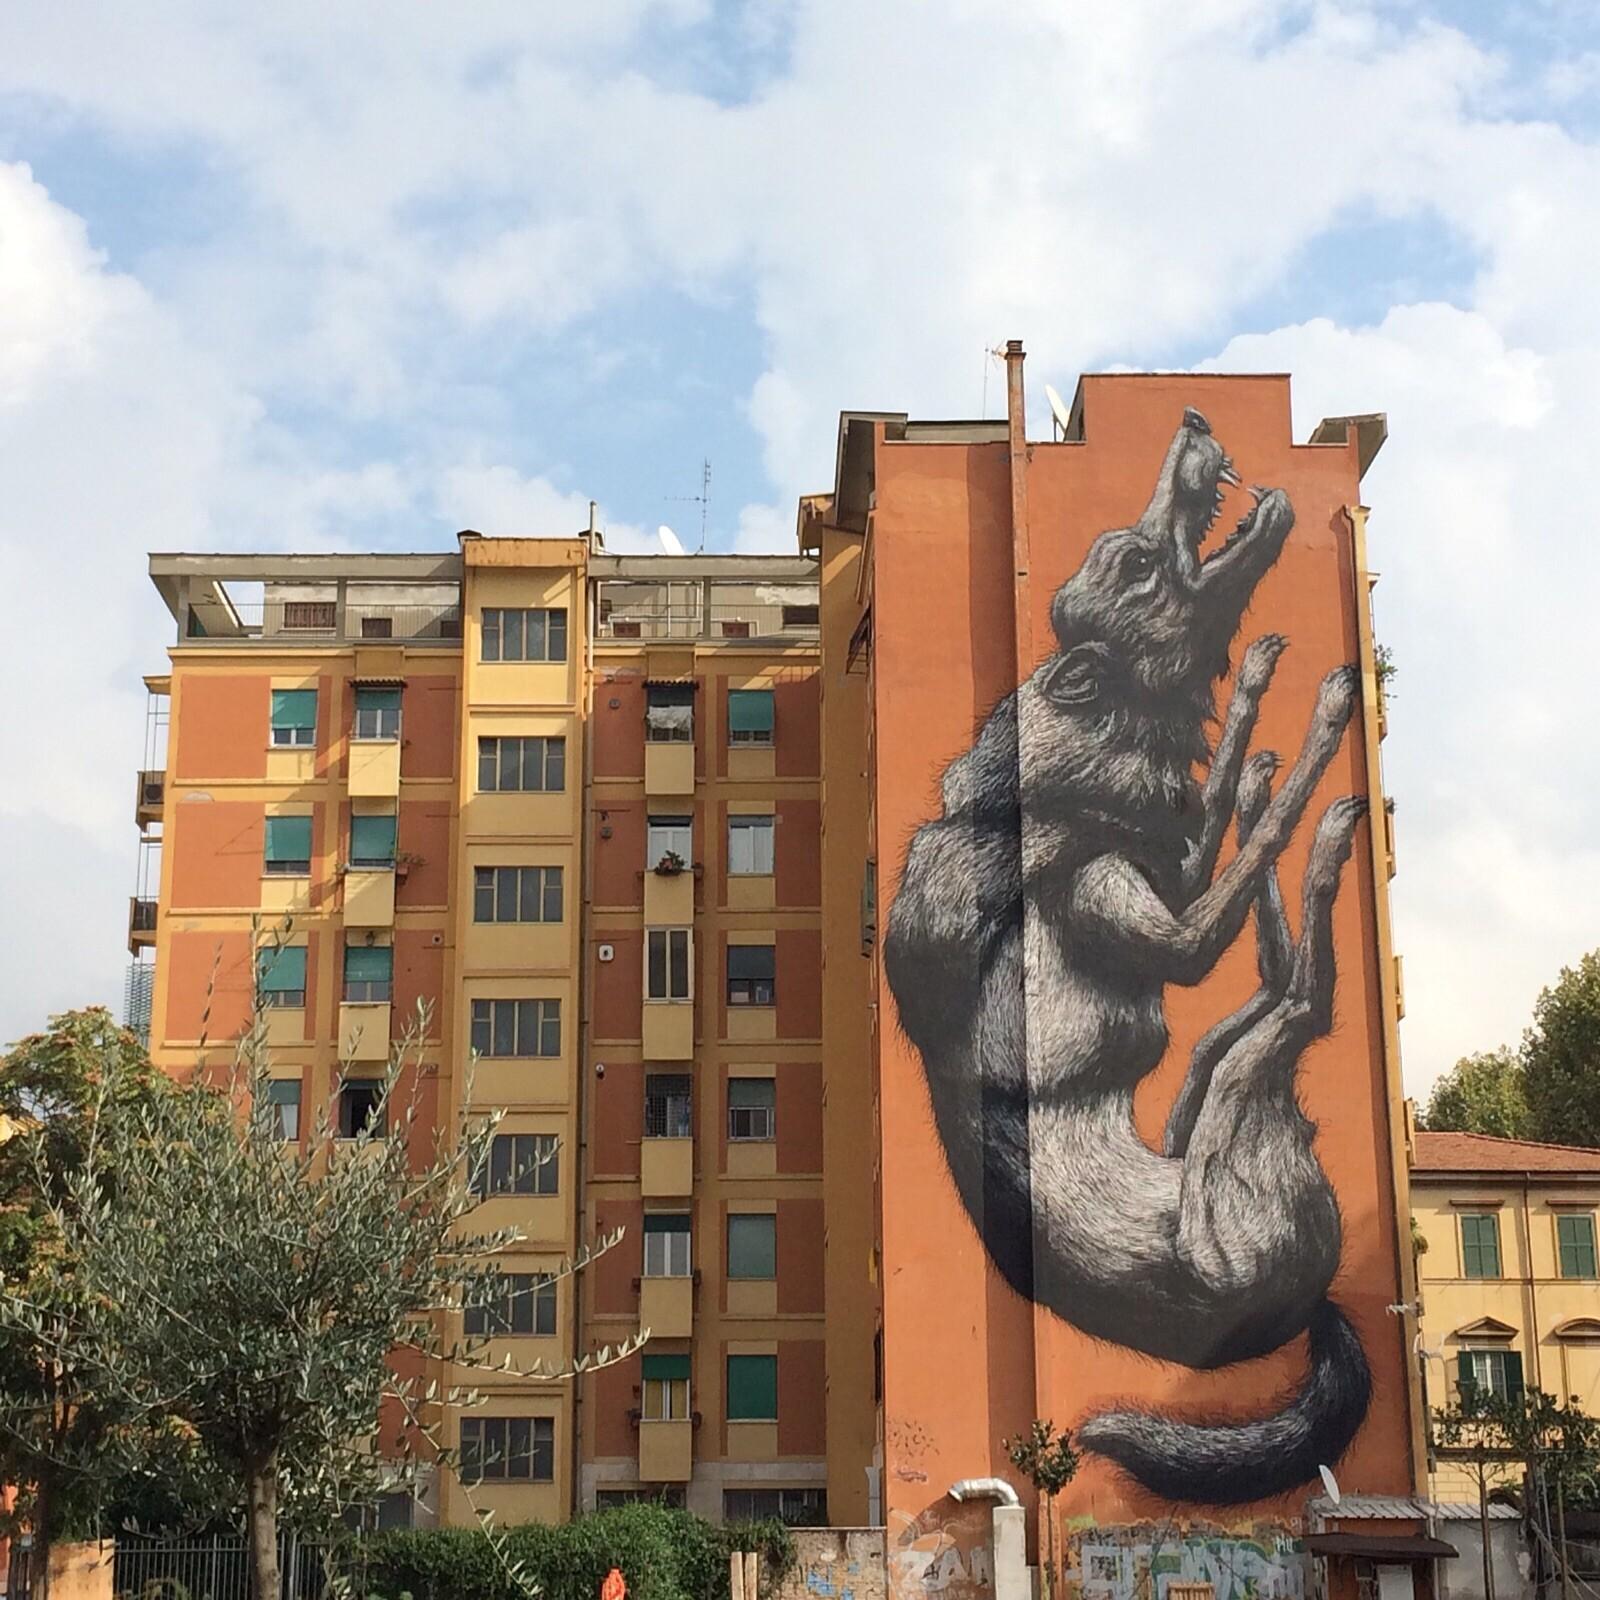 Roa graffiti in Testaccio Rome